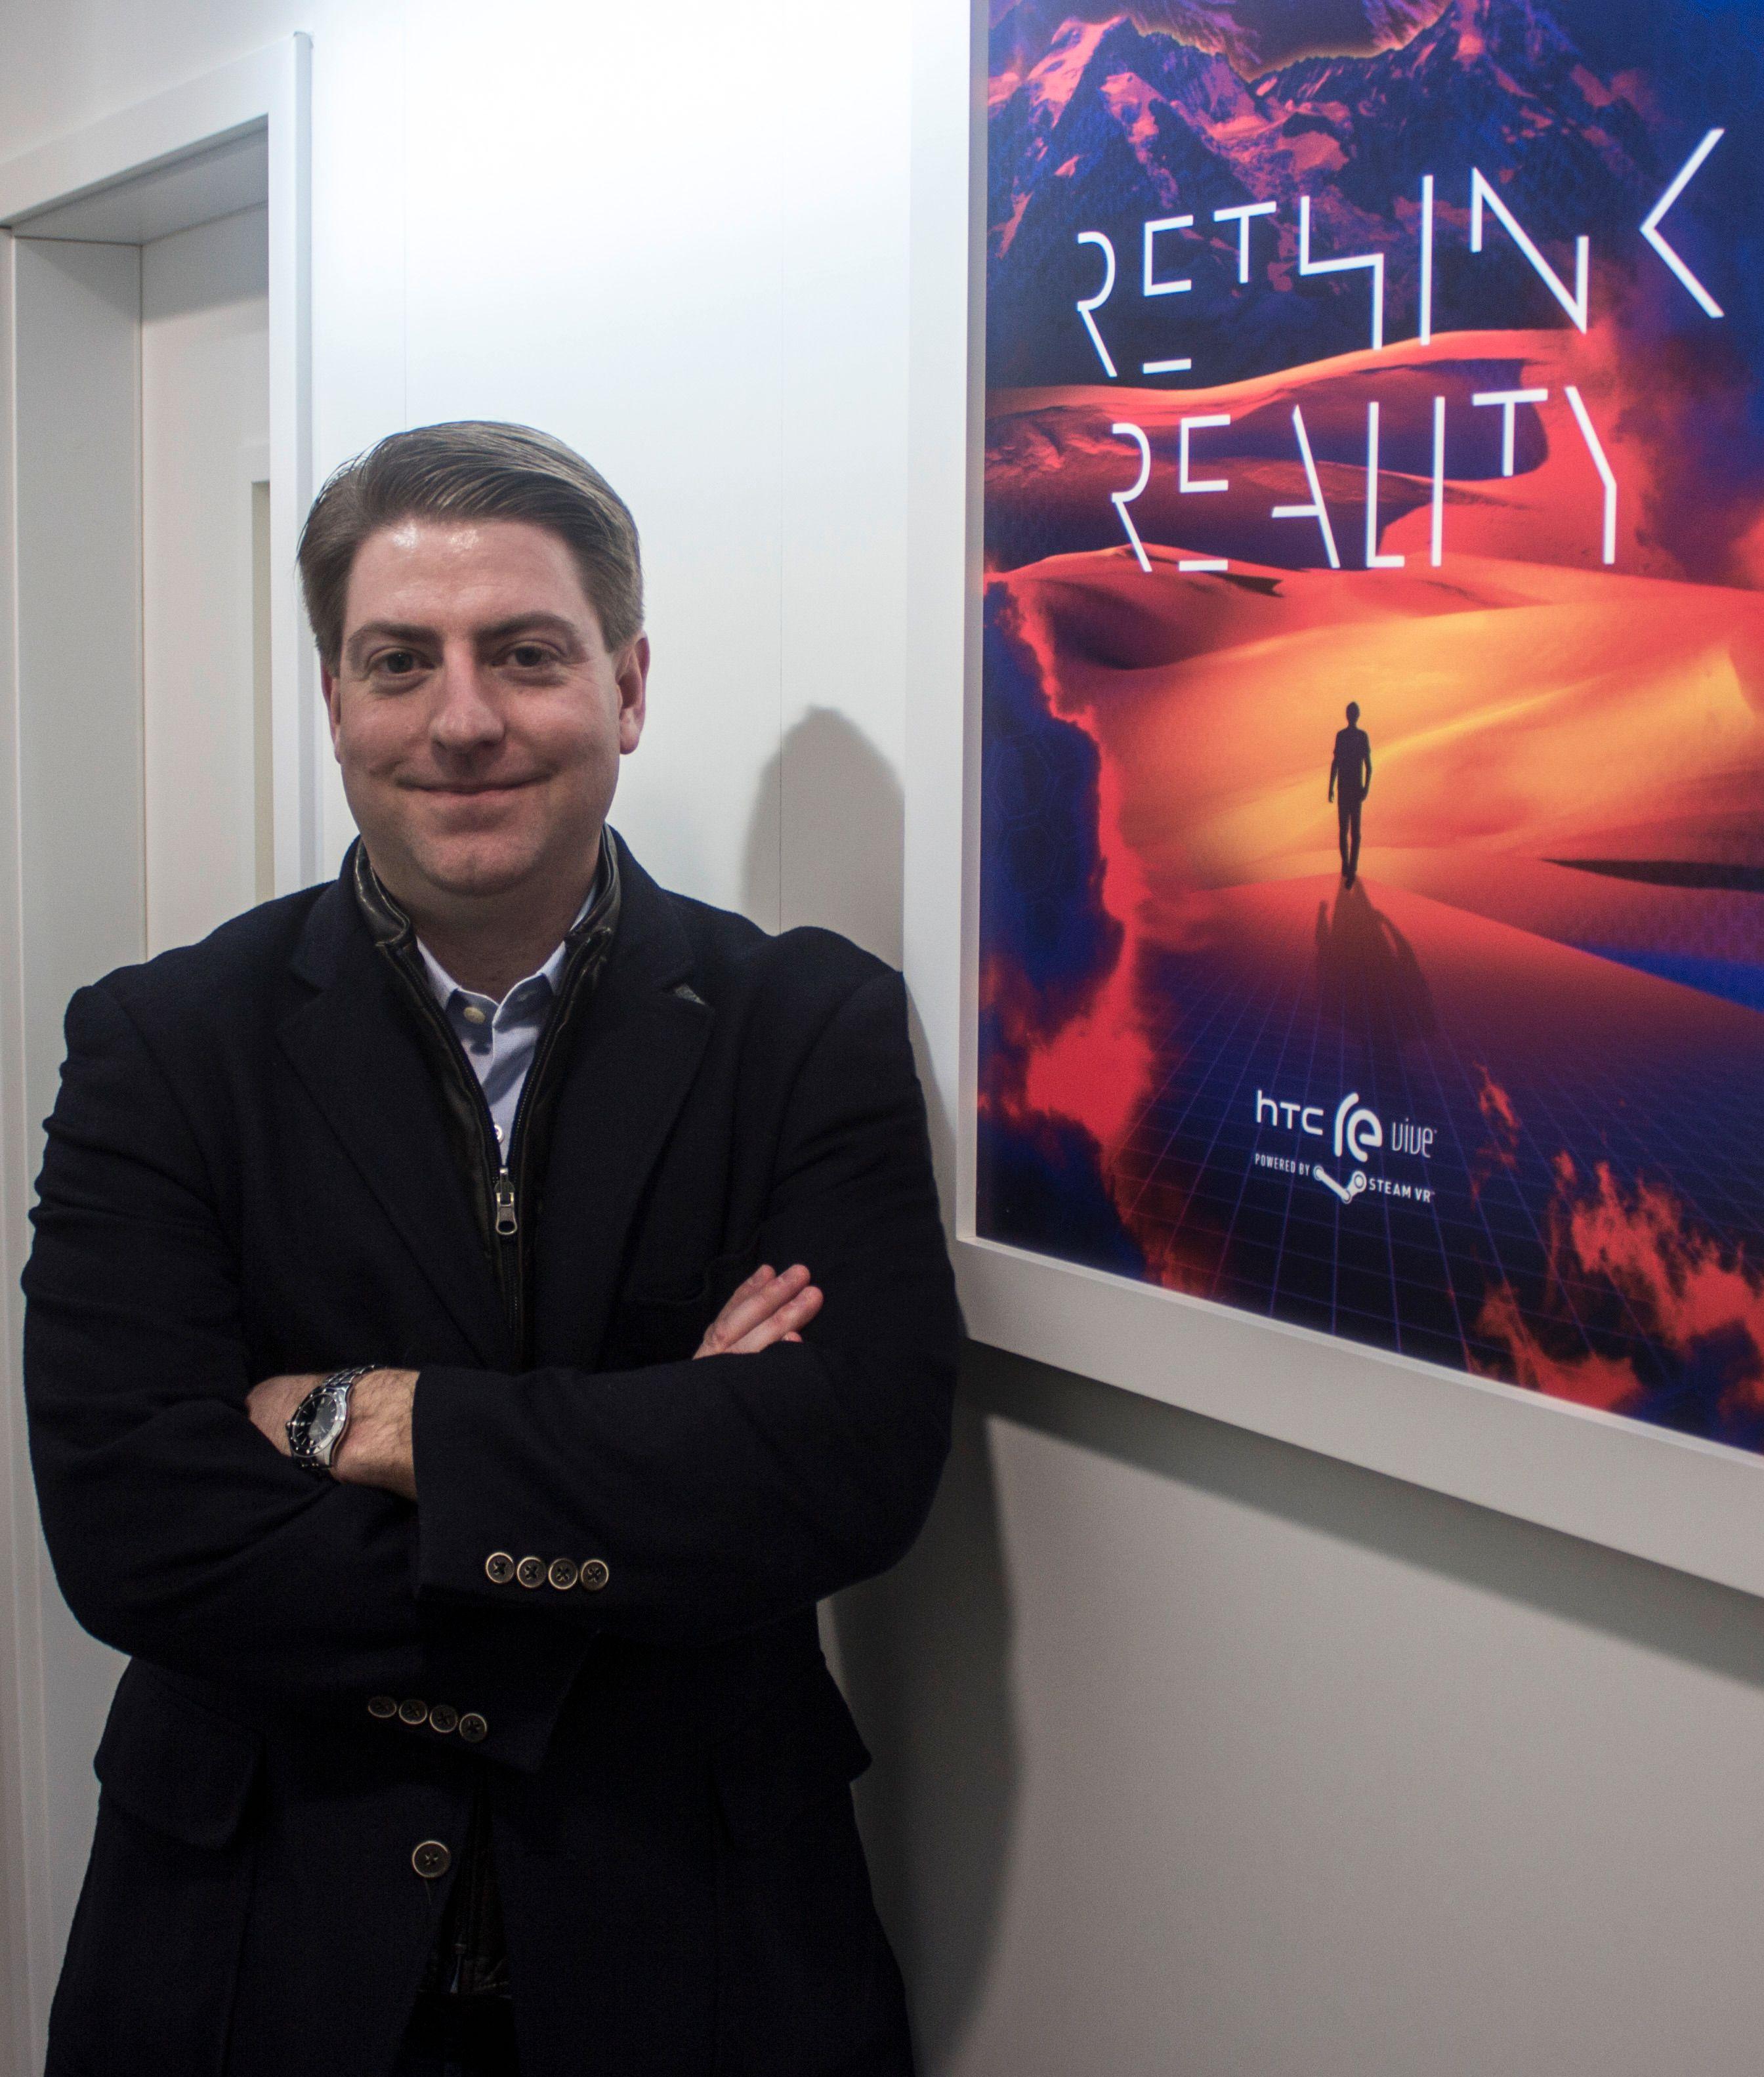 Daniel O' Brien er sjef for Re Vive-prosjektet hos HTC. Han sier selv han har selskapets artigste jobb. Vi tviler overhodet ikke. Foto: Finn Jarle Kvalheim, Tek.no